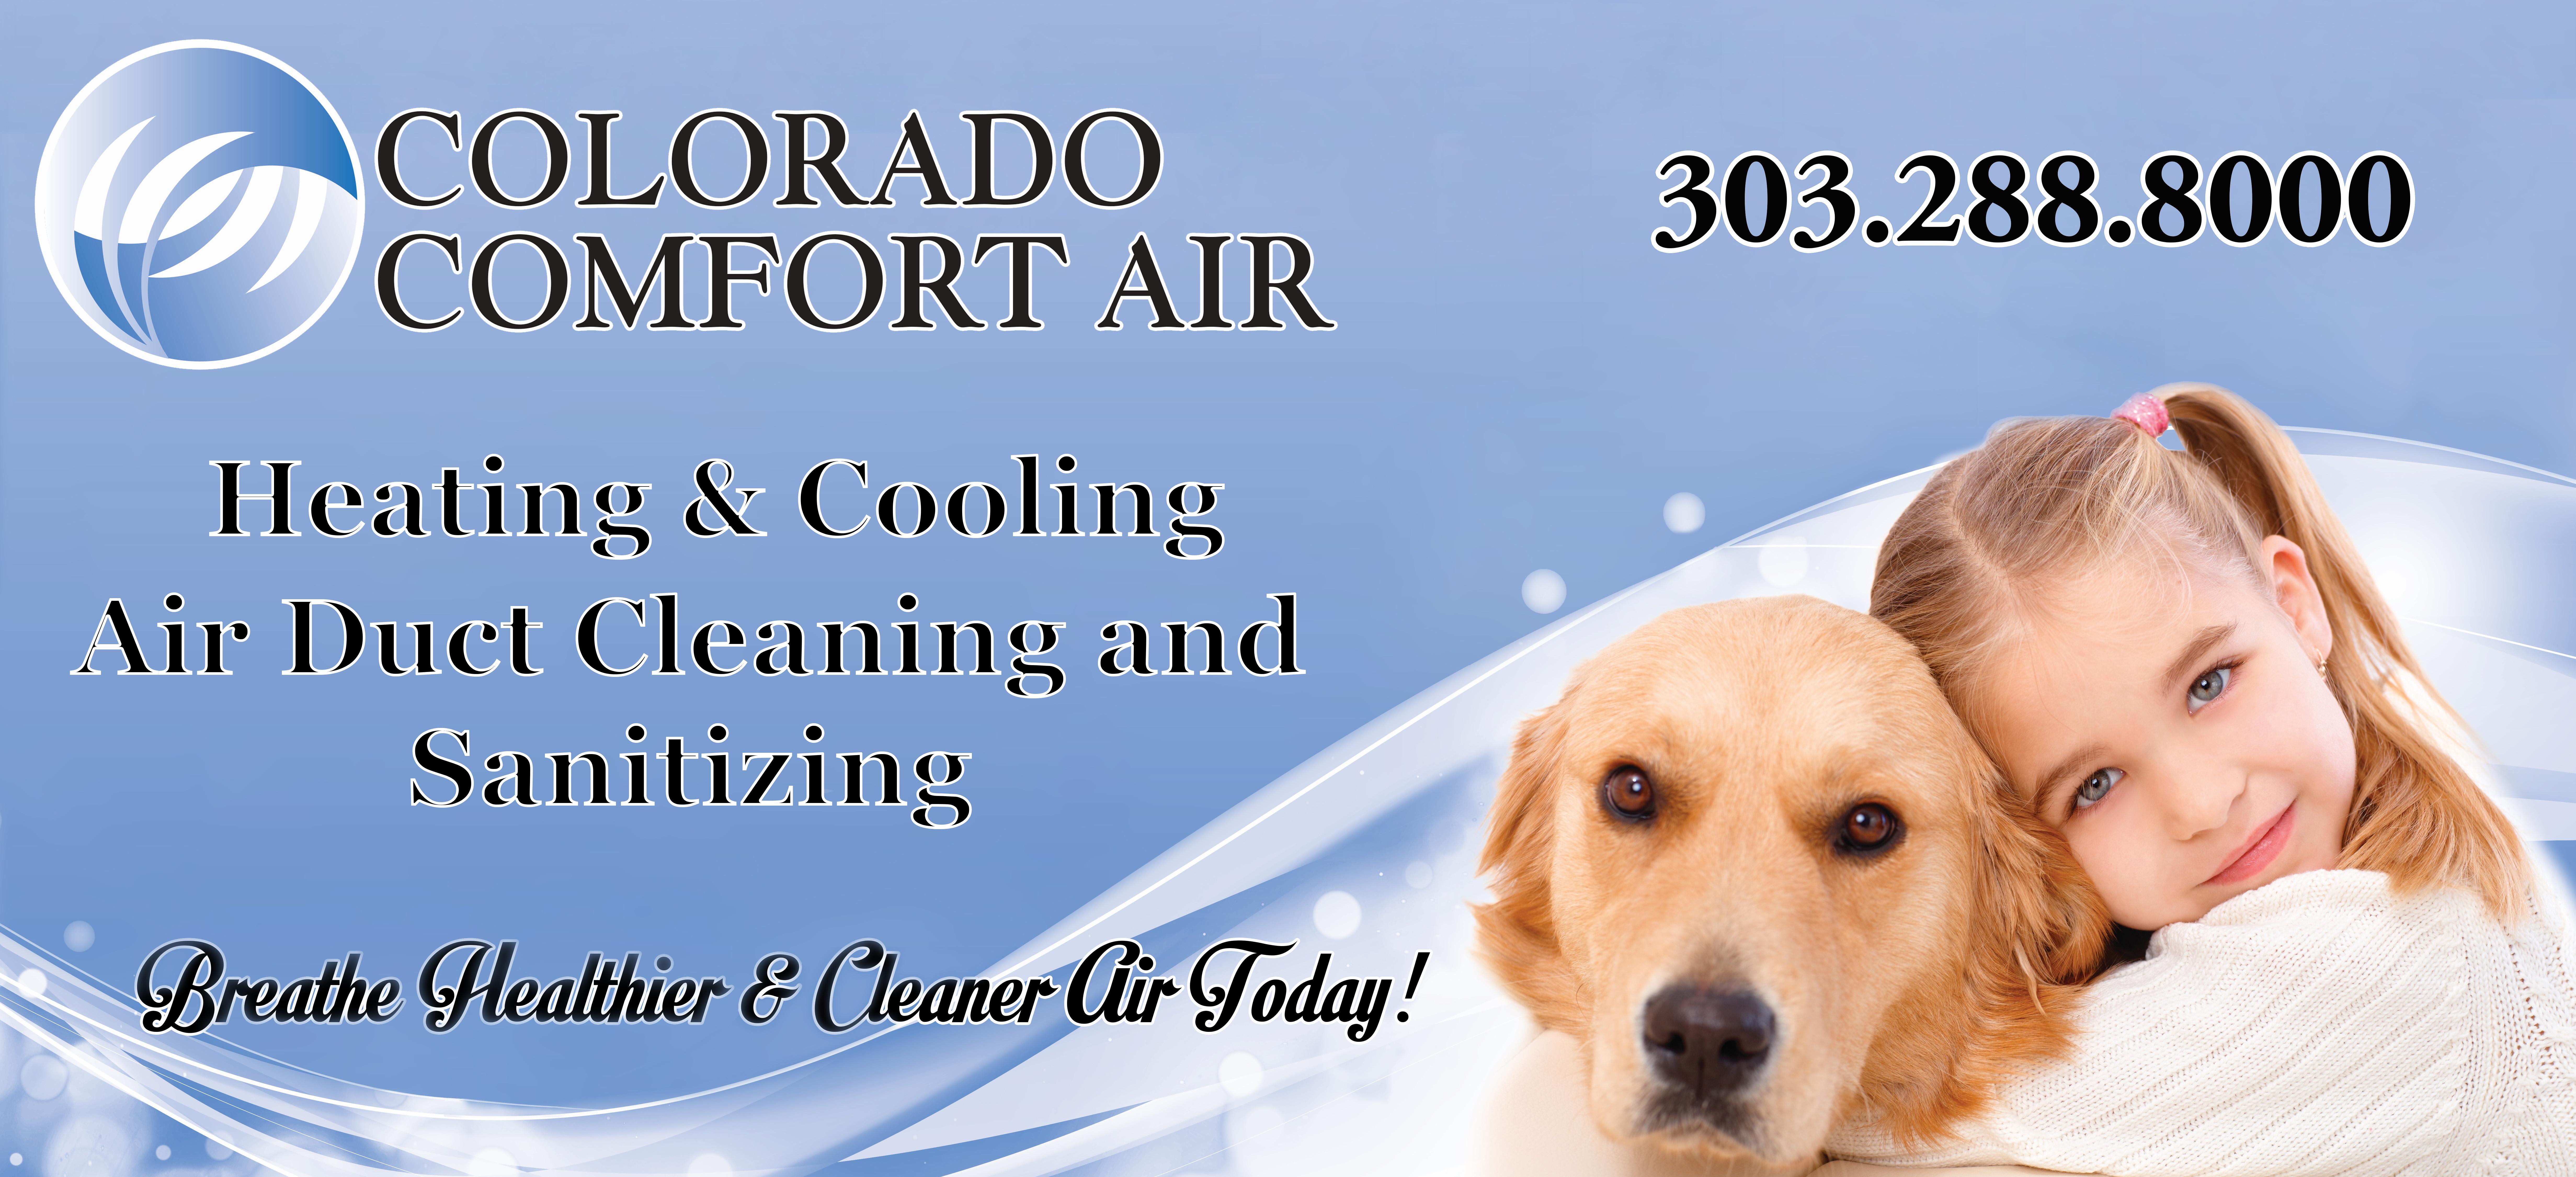 Colorado Comfort Air